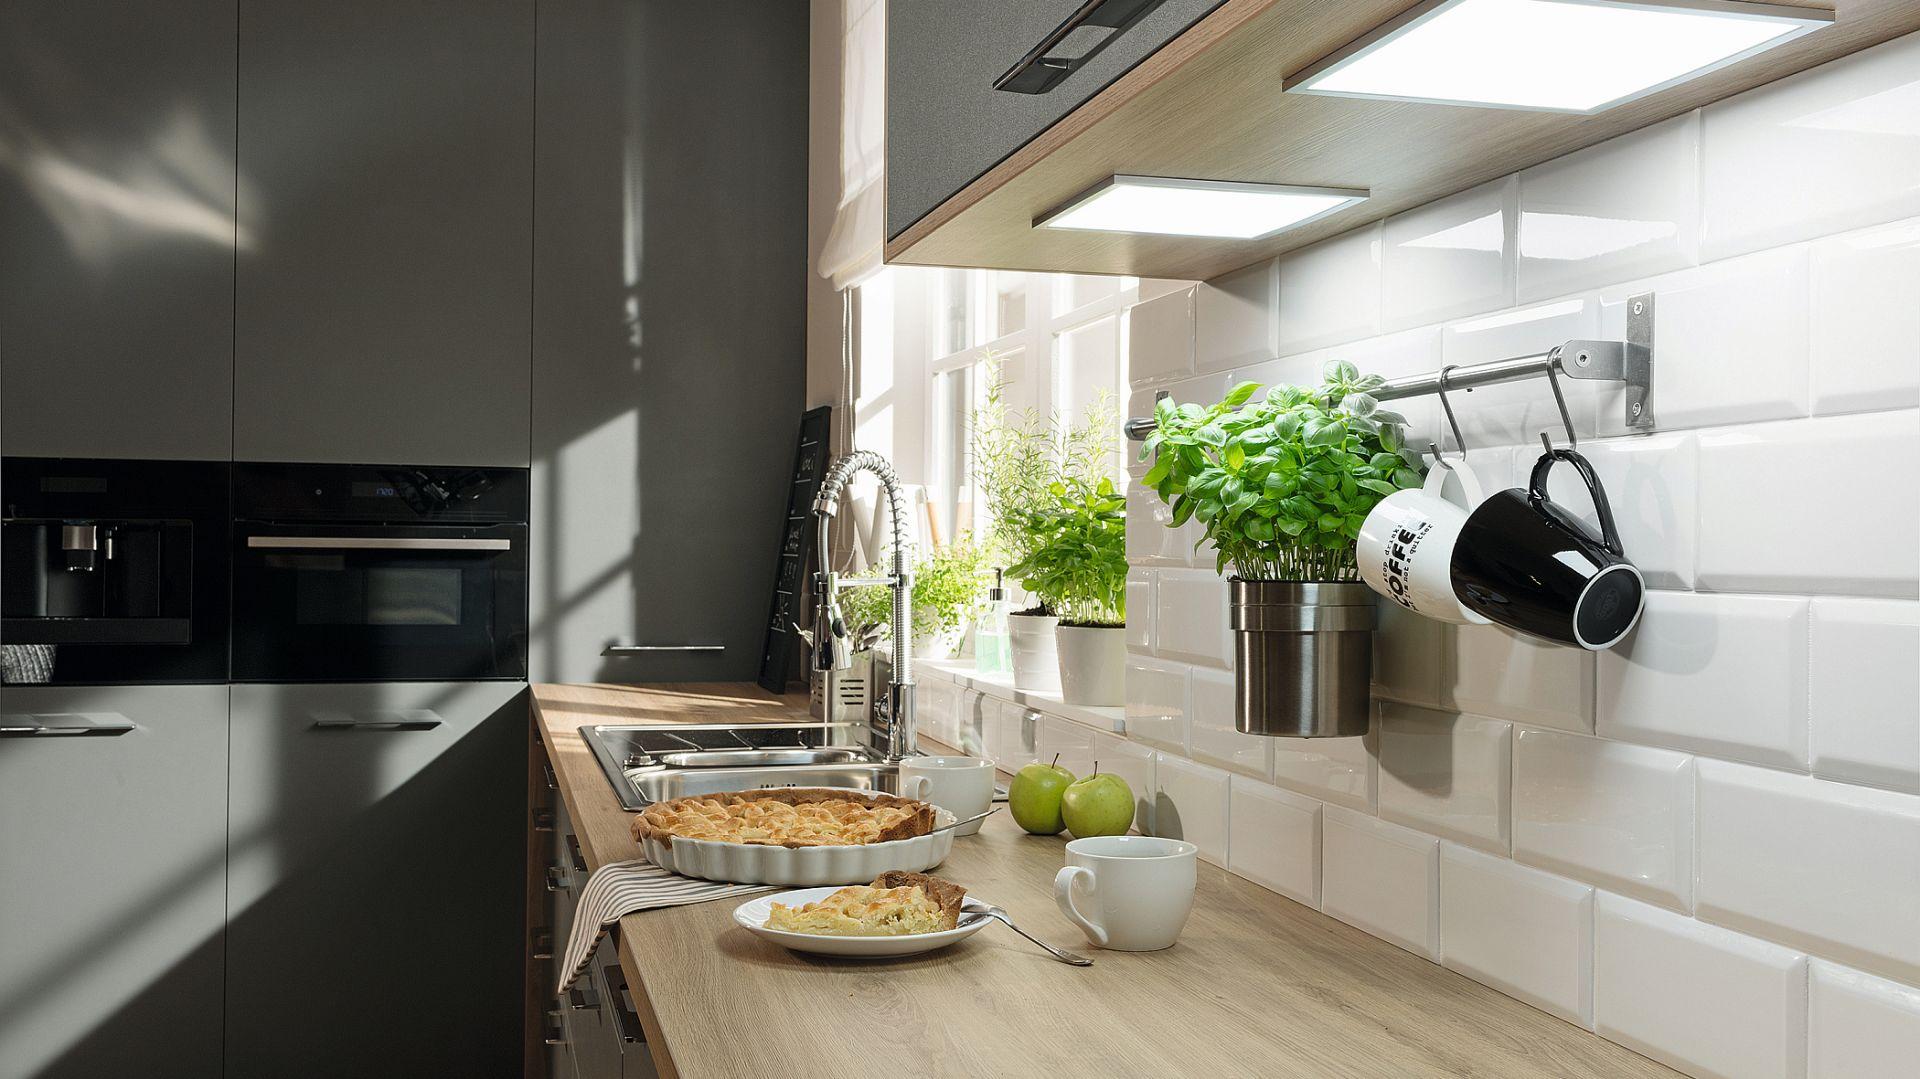 LOOX LED - systemy oświetlenia meblowego to prostota instalacji, wygoda i estetyka. Oparte na łatwych w montażu modułach, dodają klimatu wkuchni, doświetlają blaty i pozwalają lepiej dostrzec to, co kryją kuchenne szafki iszuflady. Fot. Häfele